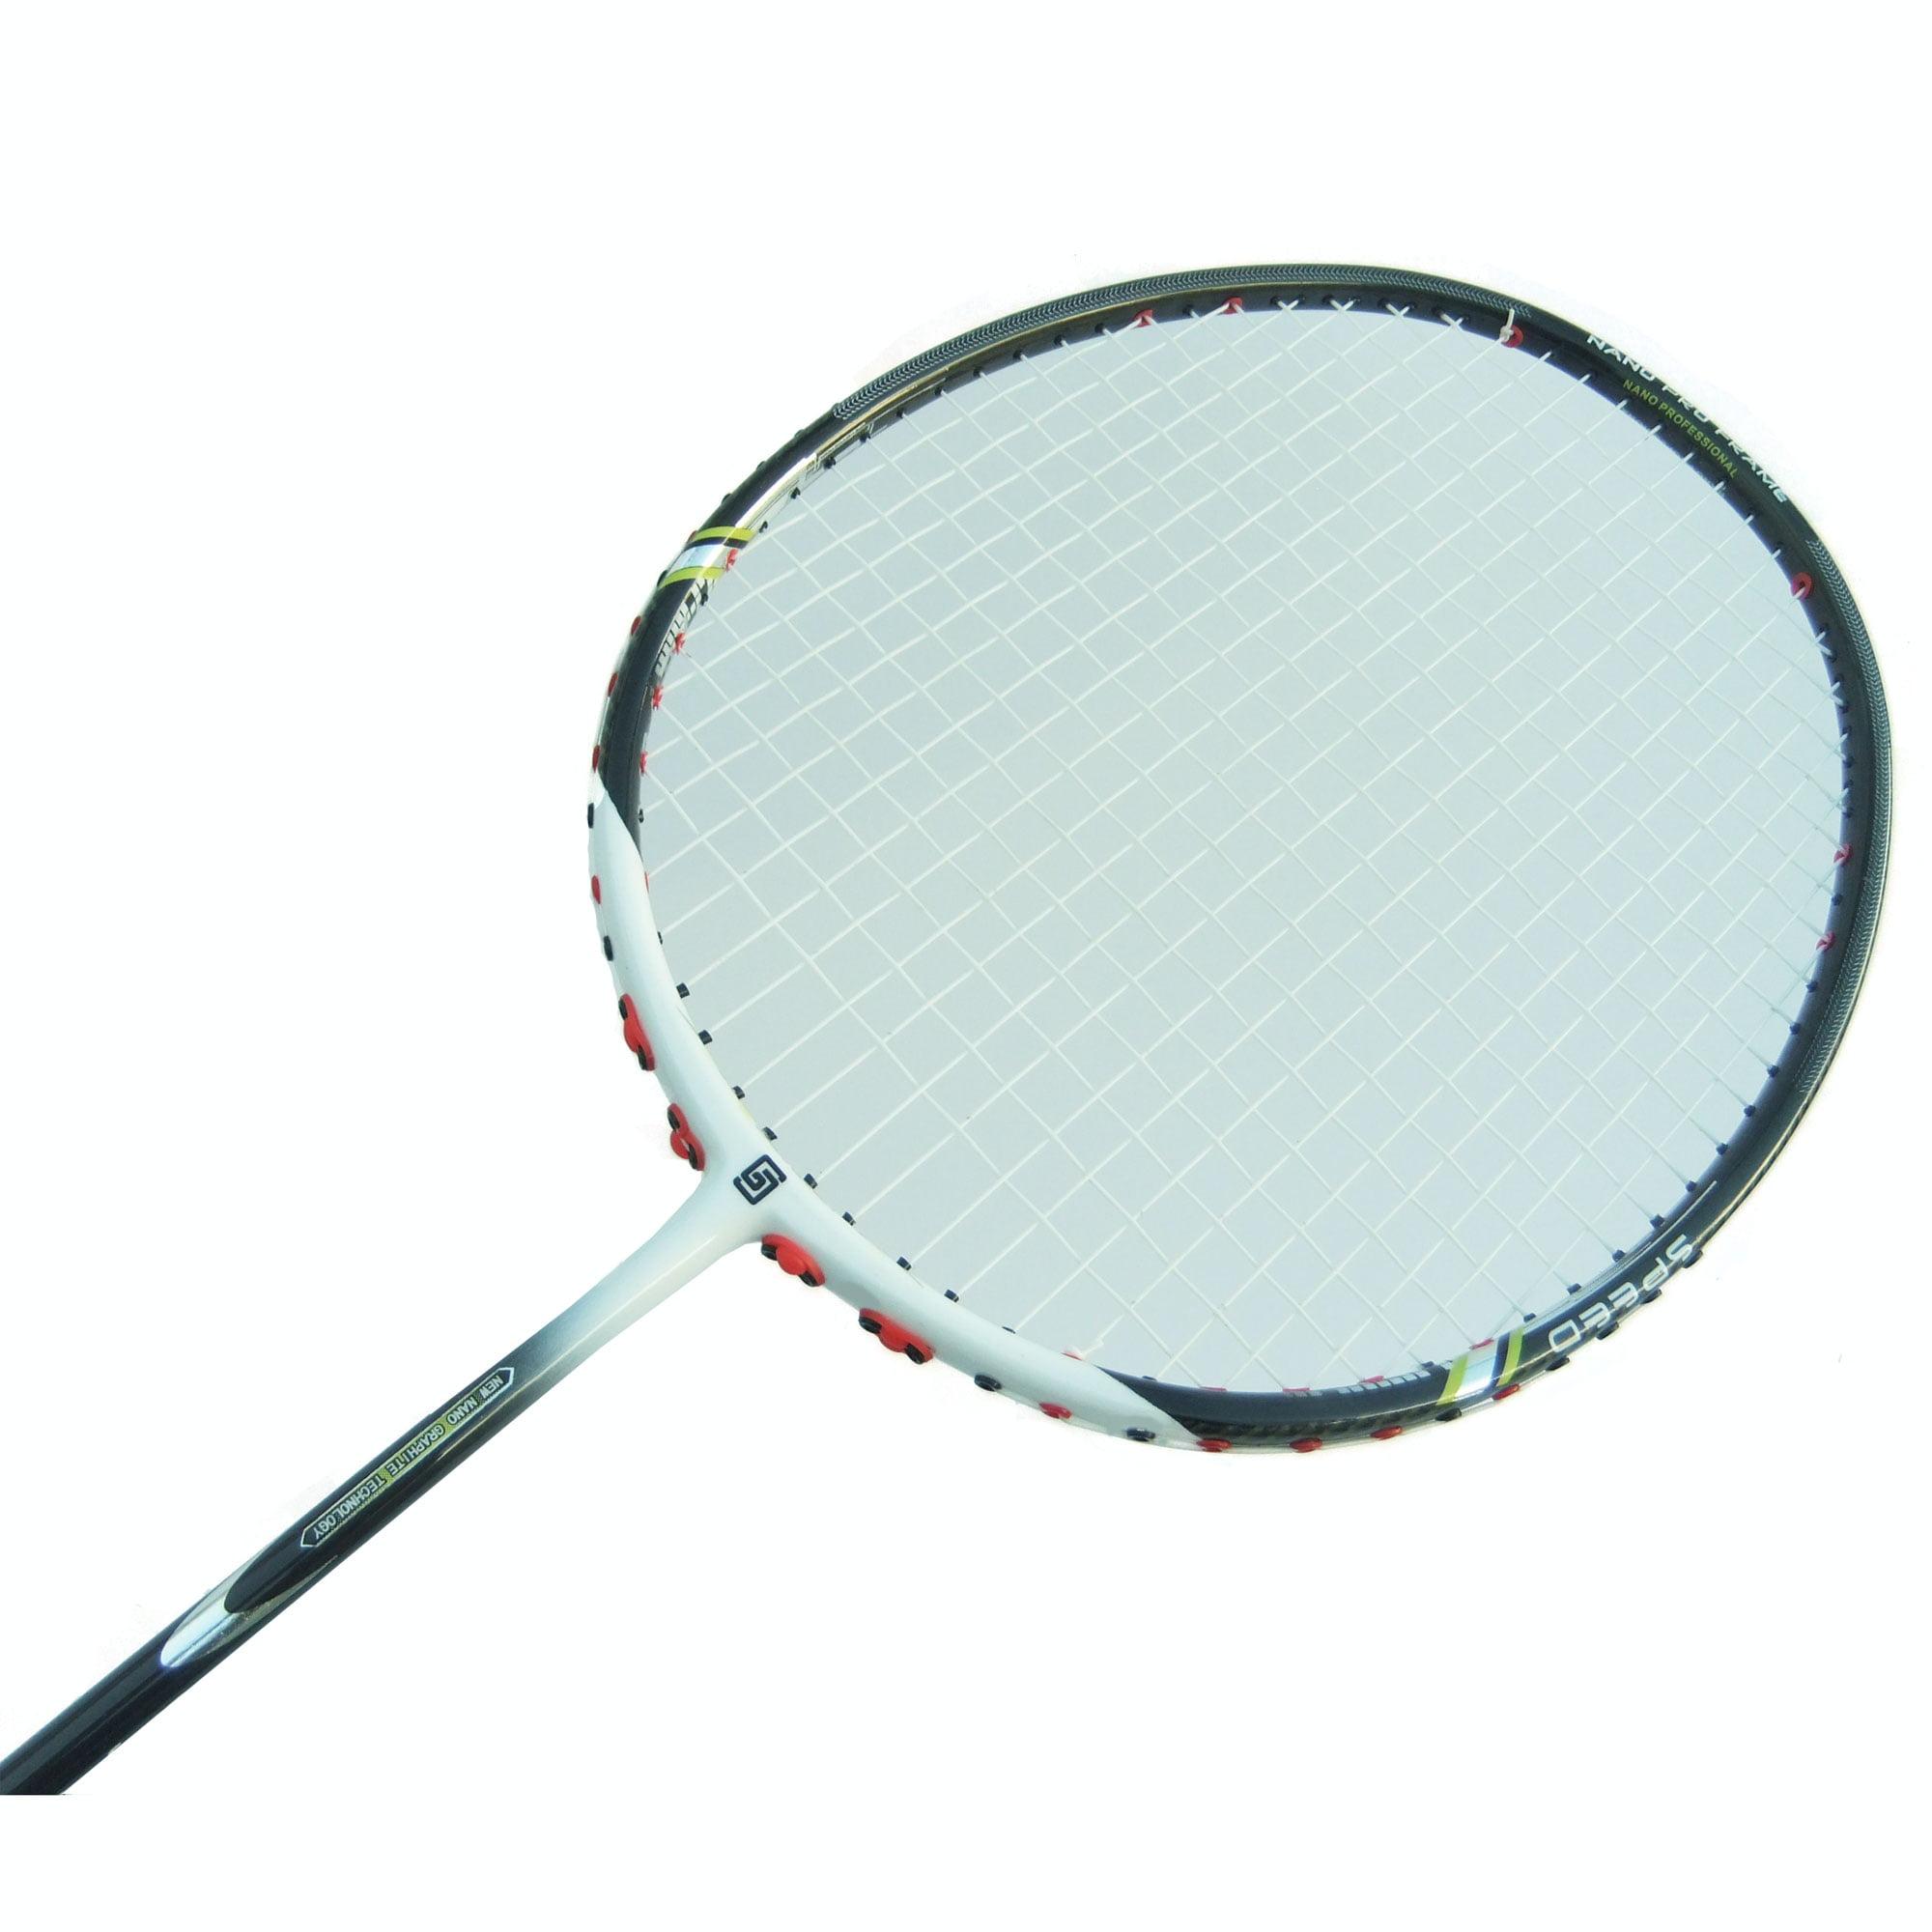 Genji Sports 7200Z Professional Badminton Rackets